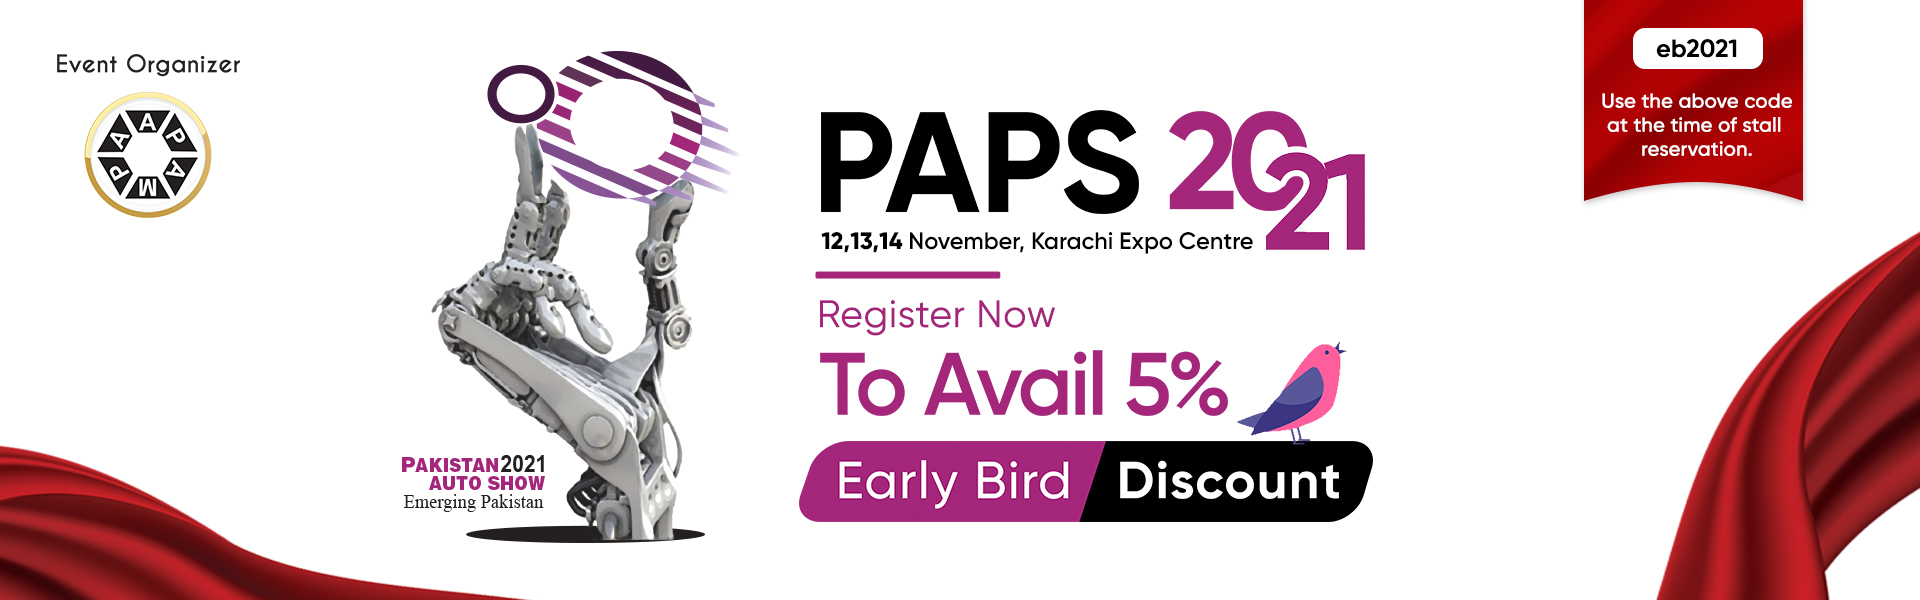 PAPS 2021